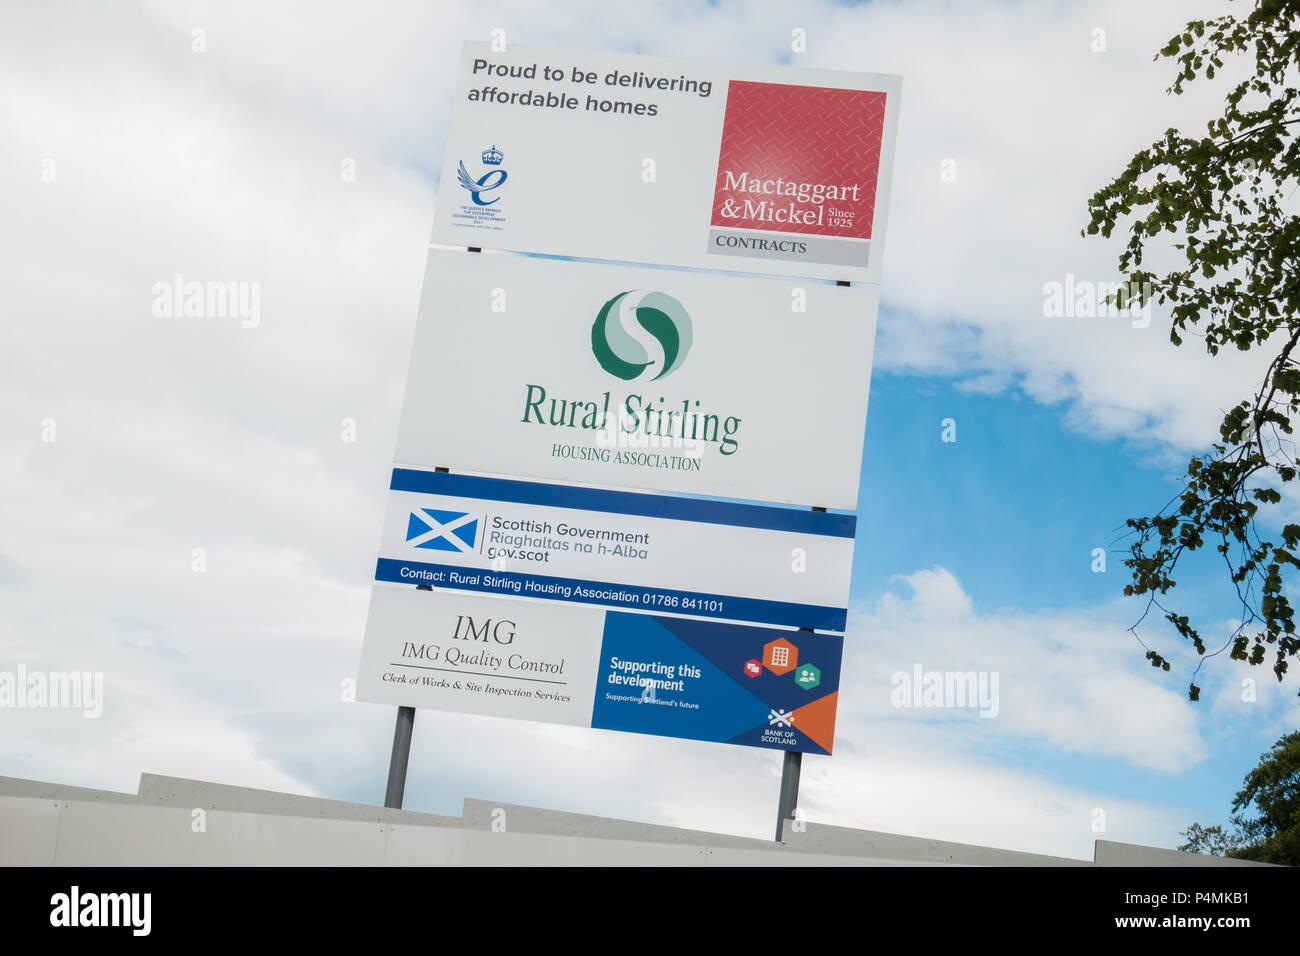 Stirling Asociación de Vivienda Rural sign - viviendas a precios razonables - Killearn, Stirlingshire, Escocia, Reino Unido Imagen De Stock